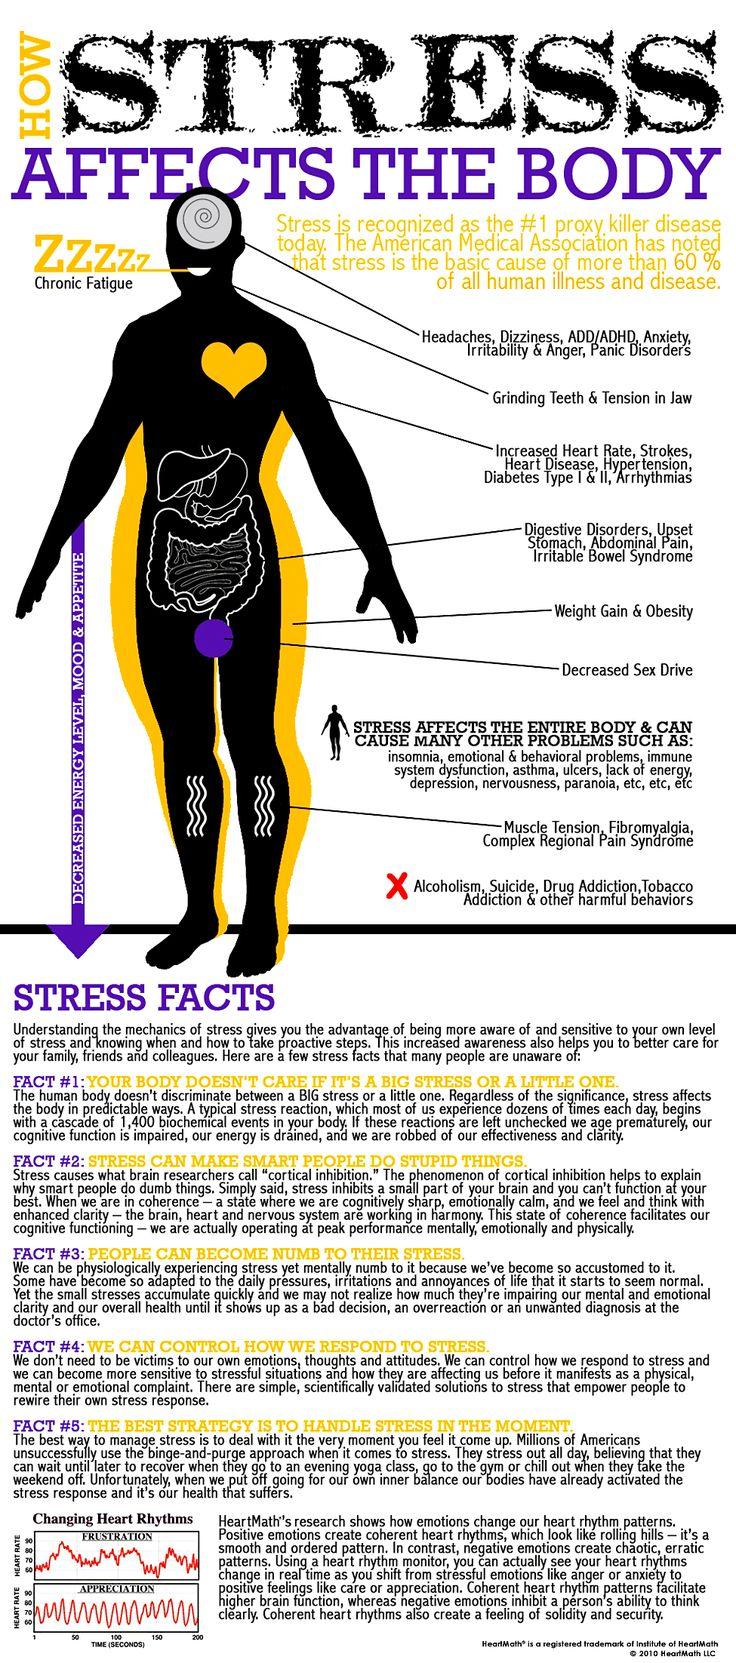 Stress-zafirides-psychiatry-infographic